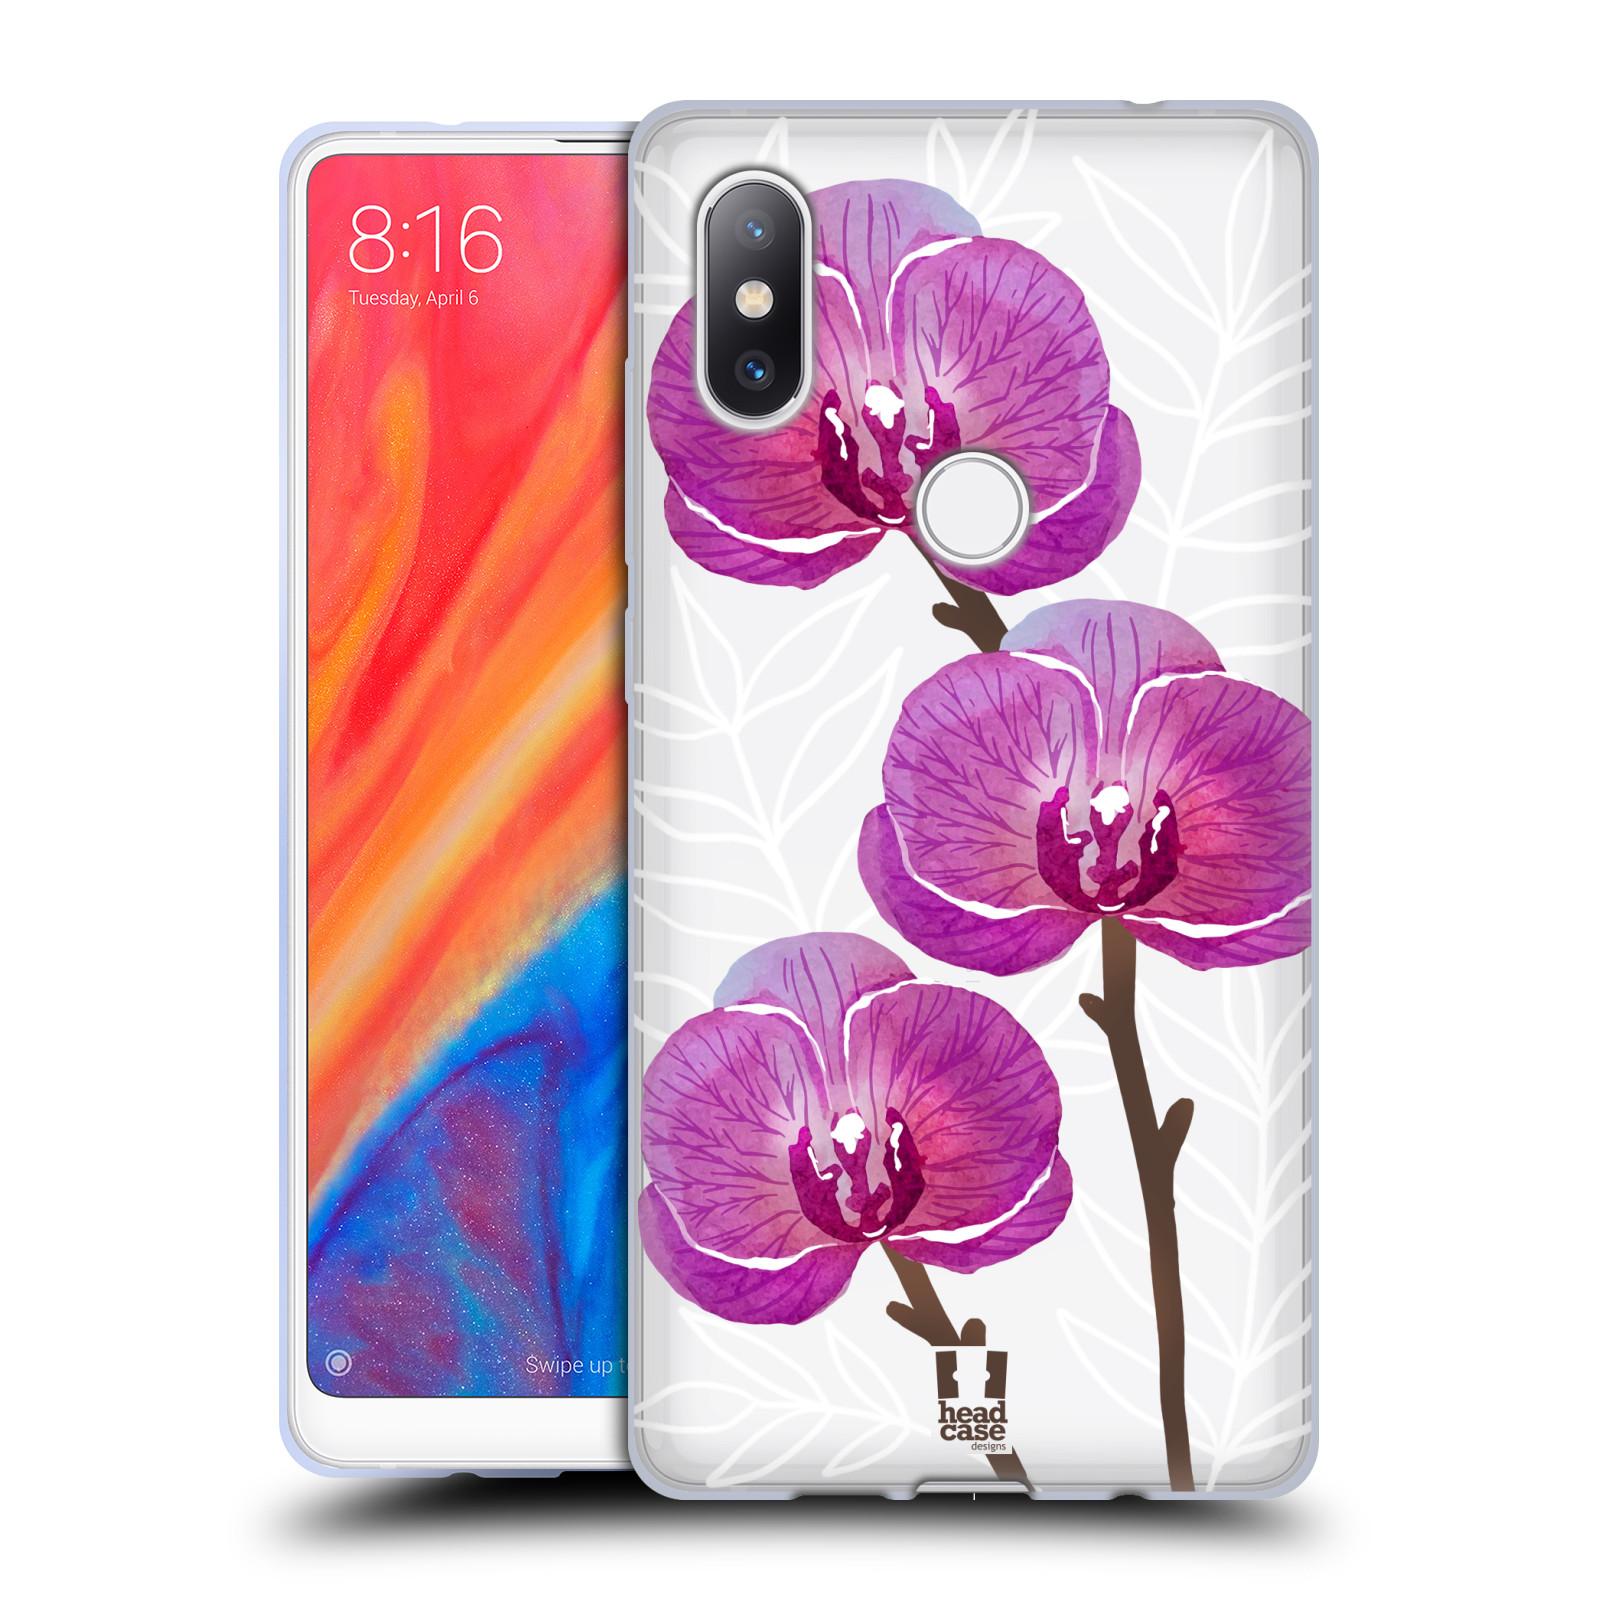 Silikonové pouzdro na mobil Xiaomi Mi Mix 2S - Head Case - Hezoučké kvítky - průhledné